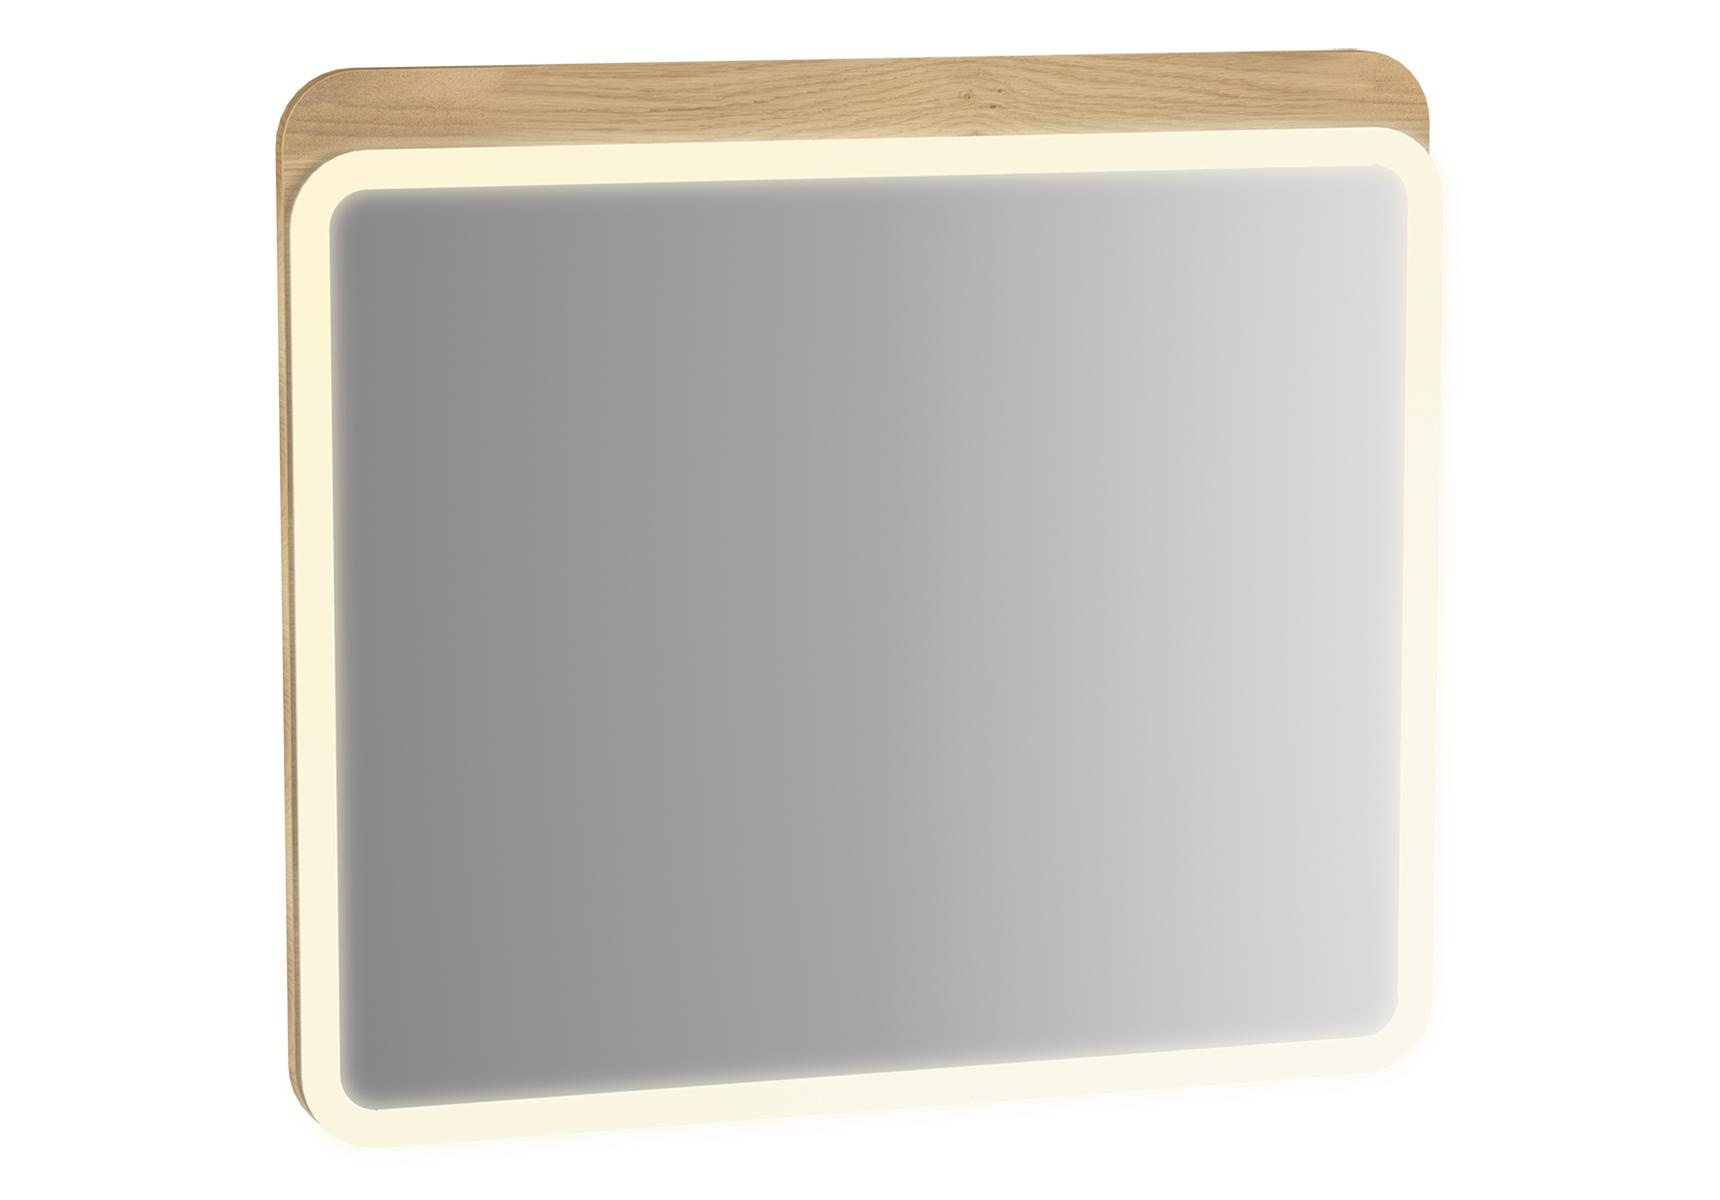 Sento miroir LED, 60 cm, décor chêne naturel, avec éclairage à LED péripherique